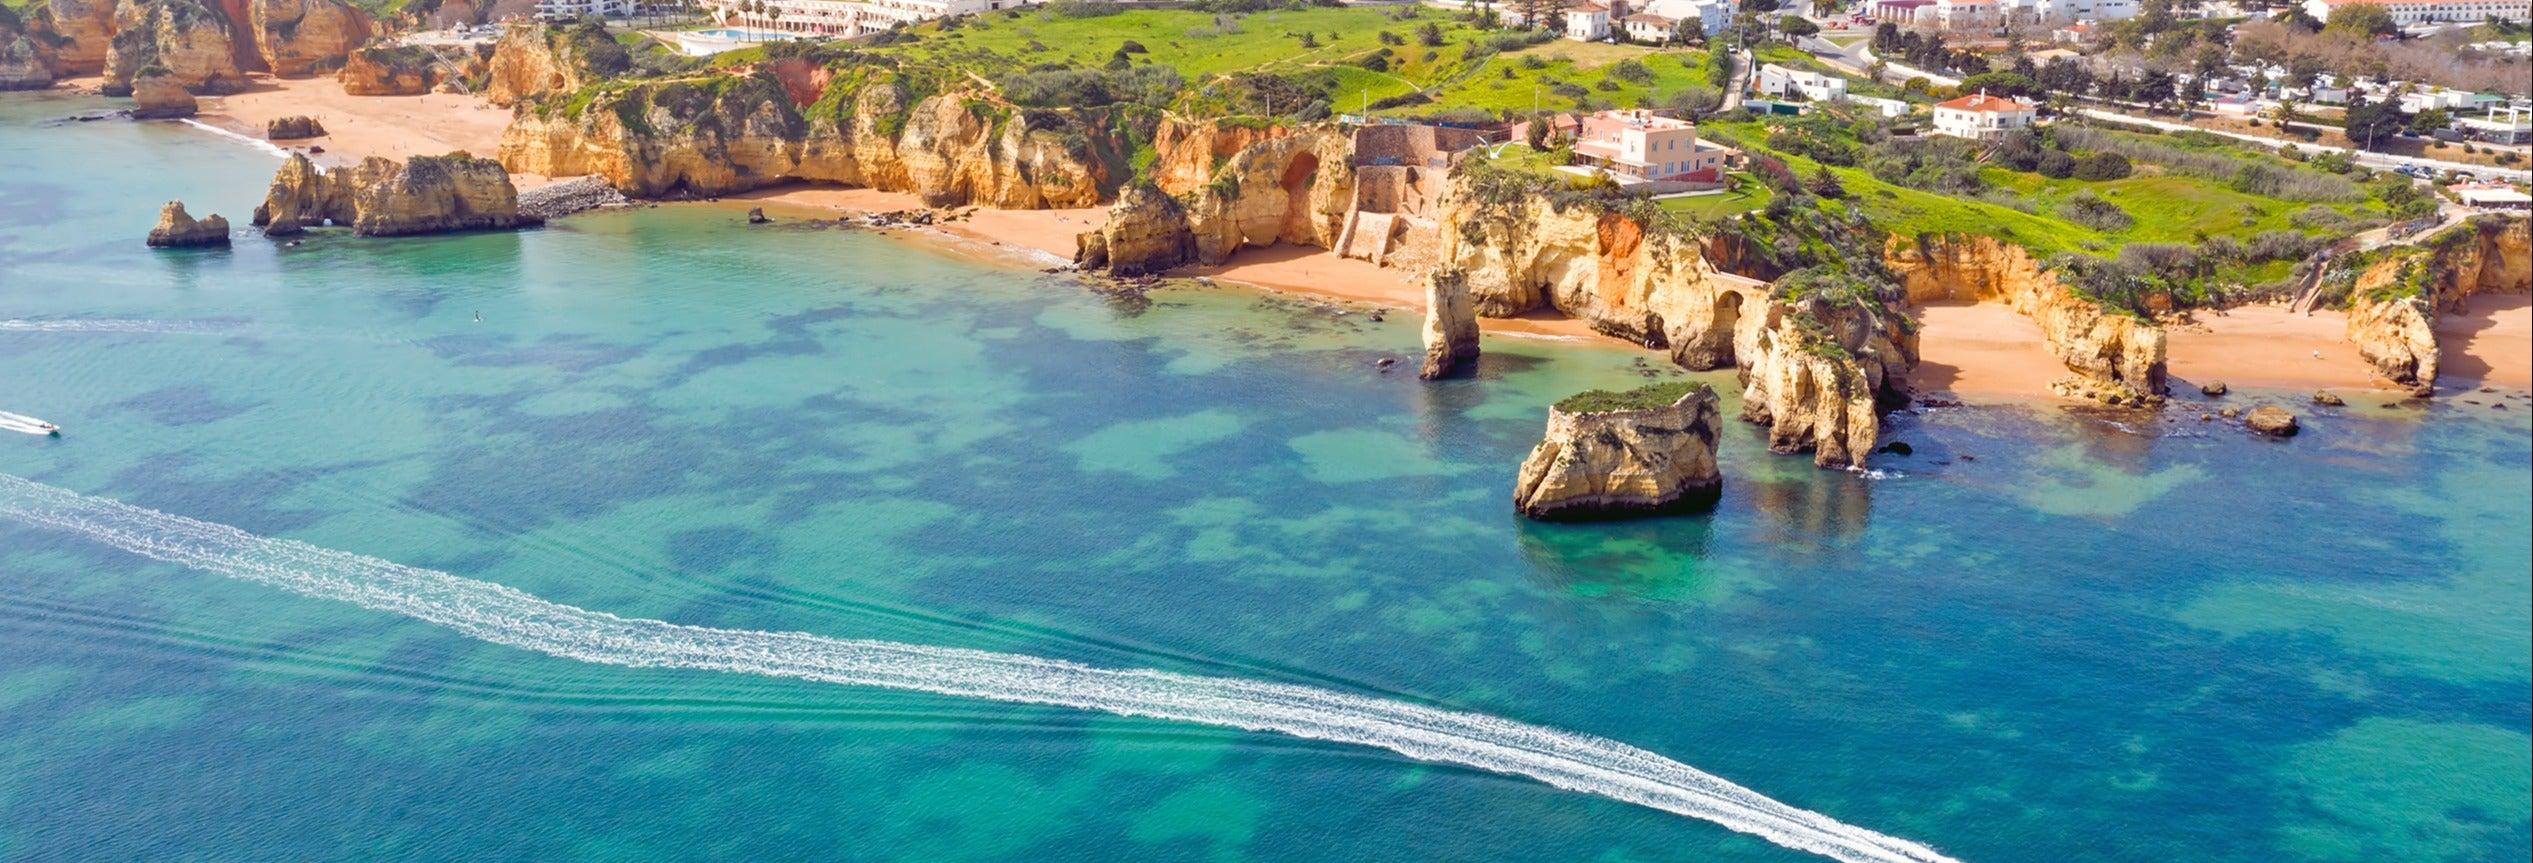 Experiencia Jet Boat en Lagos